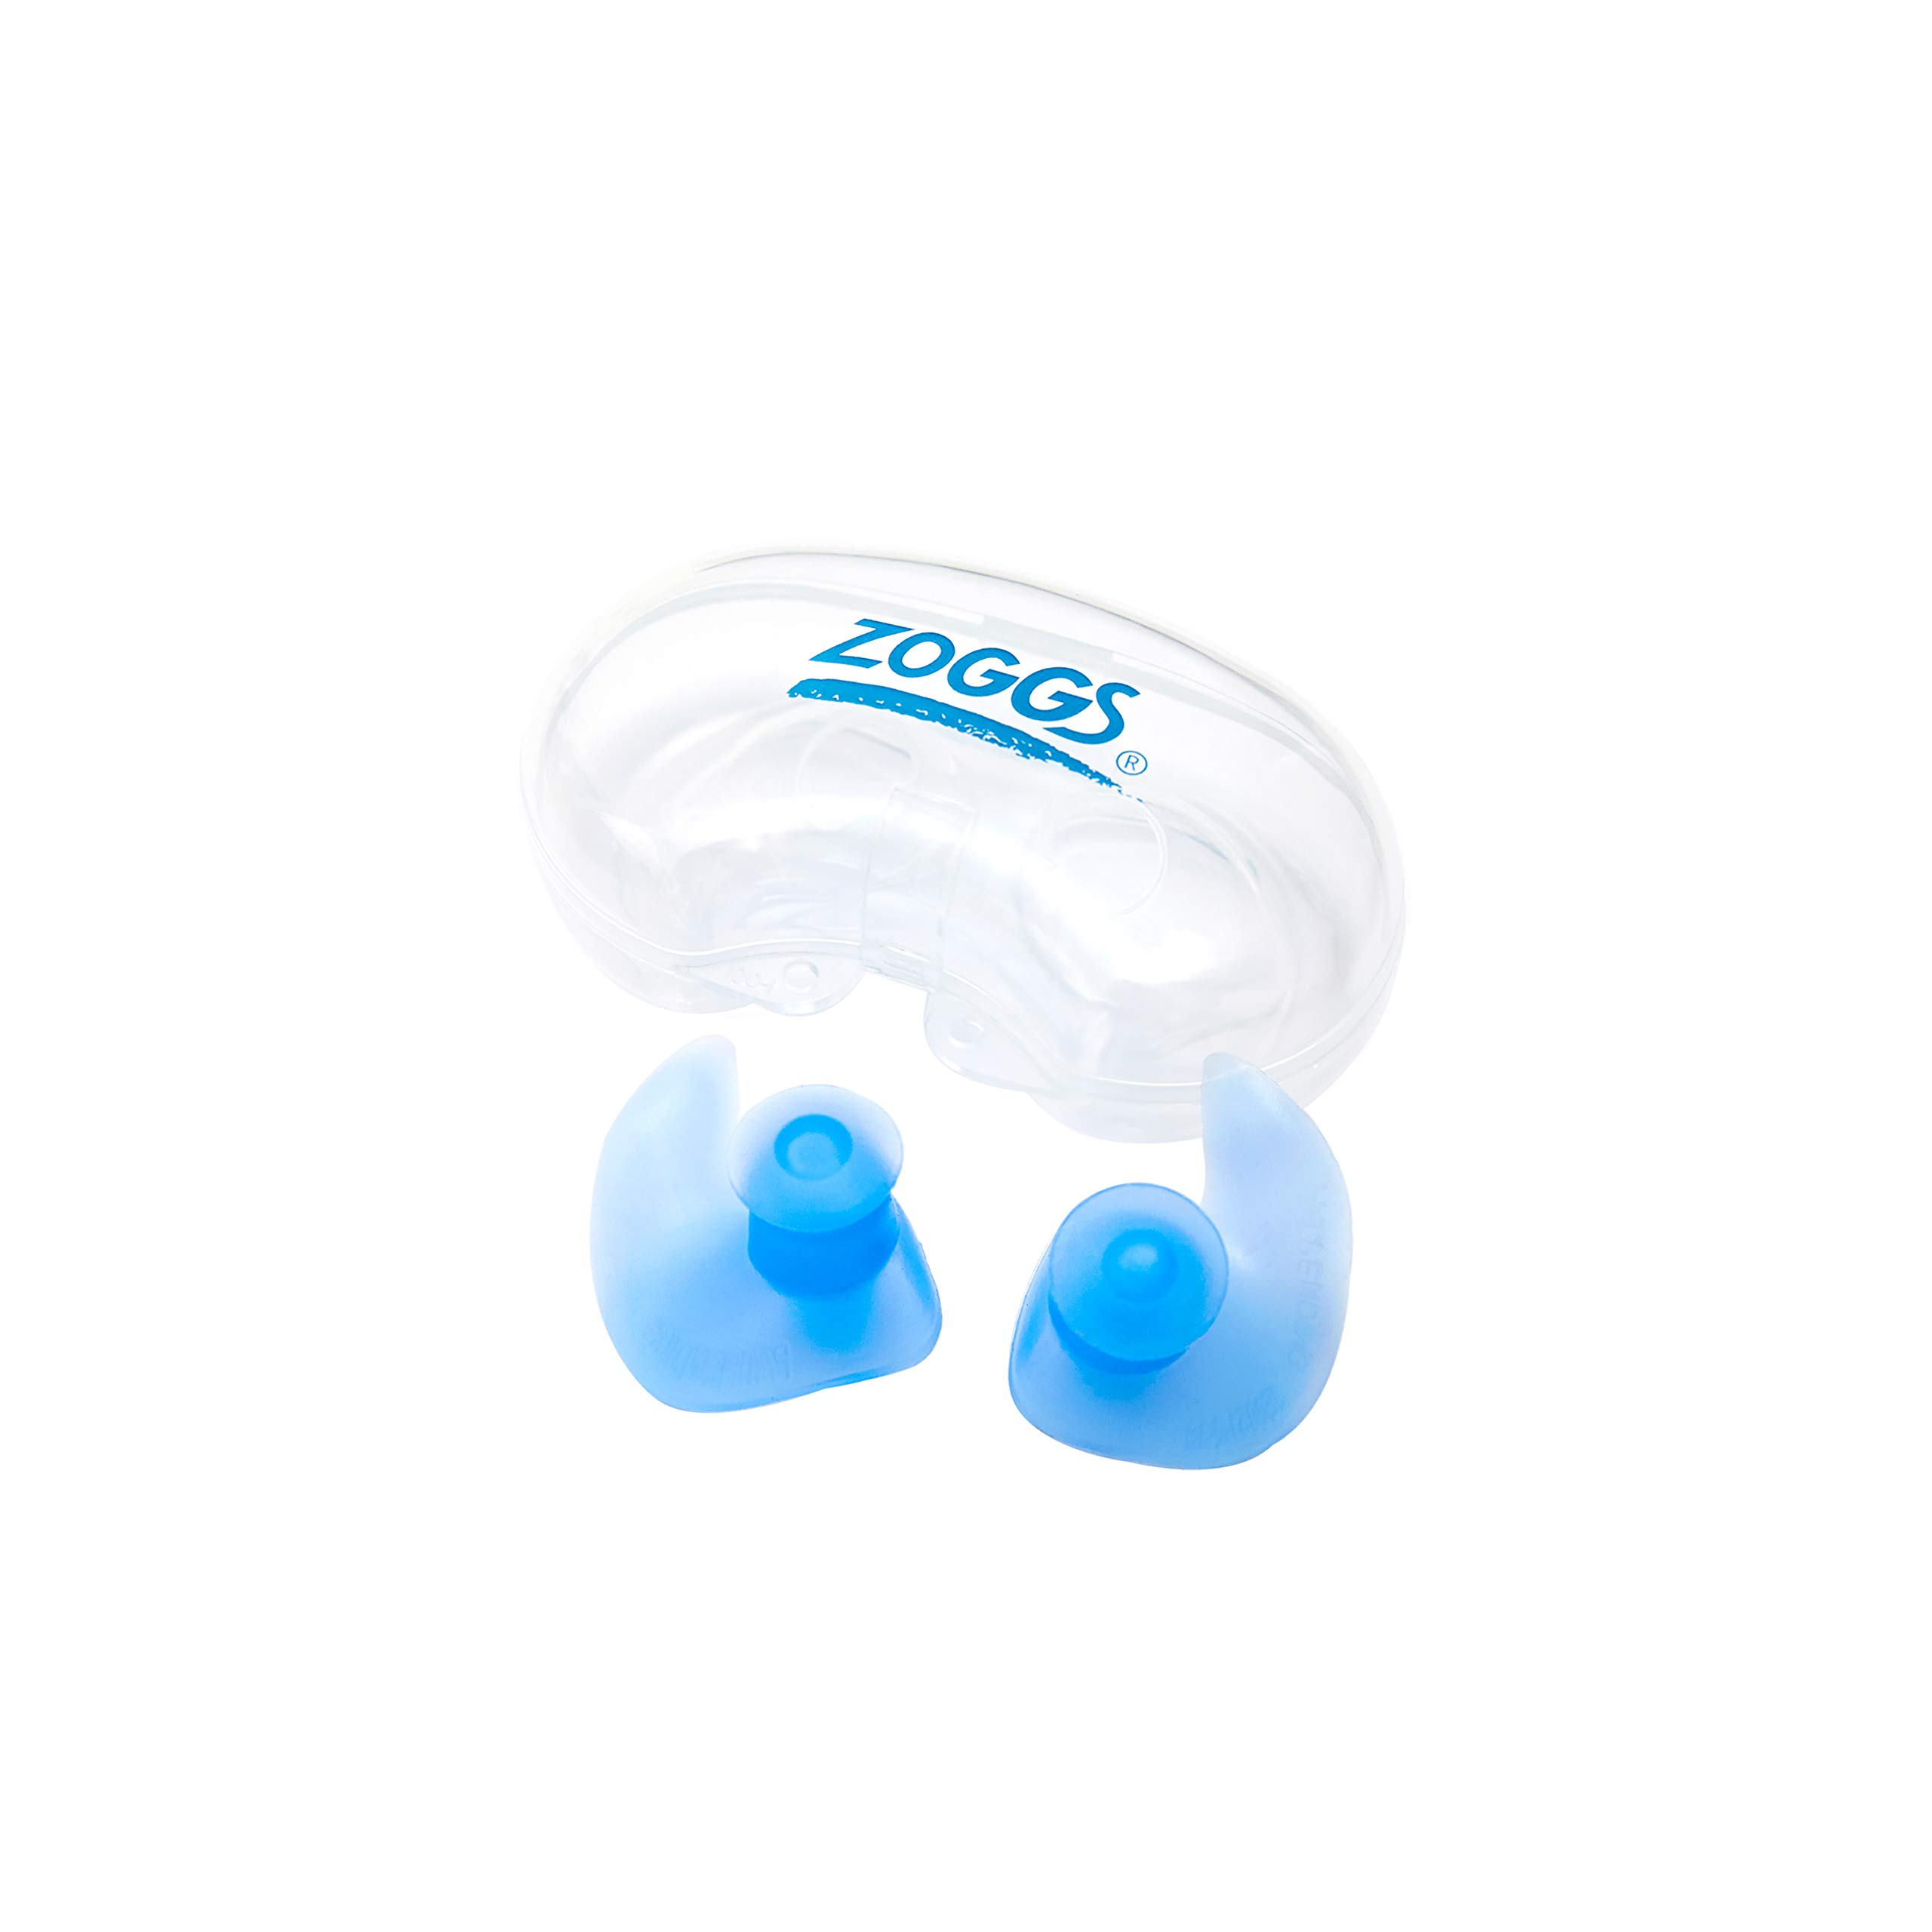 Zoggs Aqua Plugz Hypo-Allergenic Silicone Ear Plugs